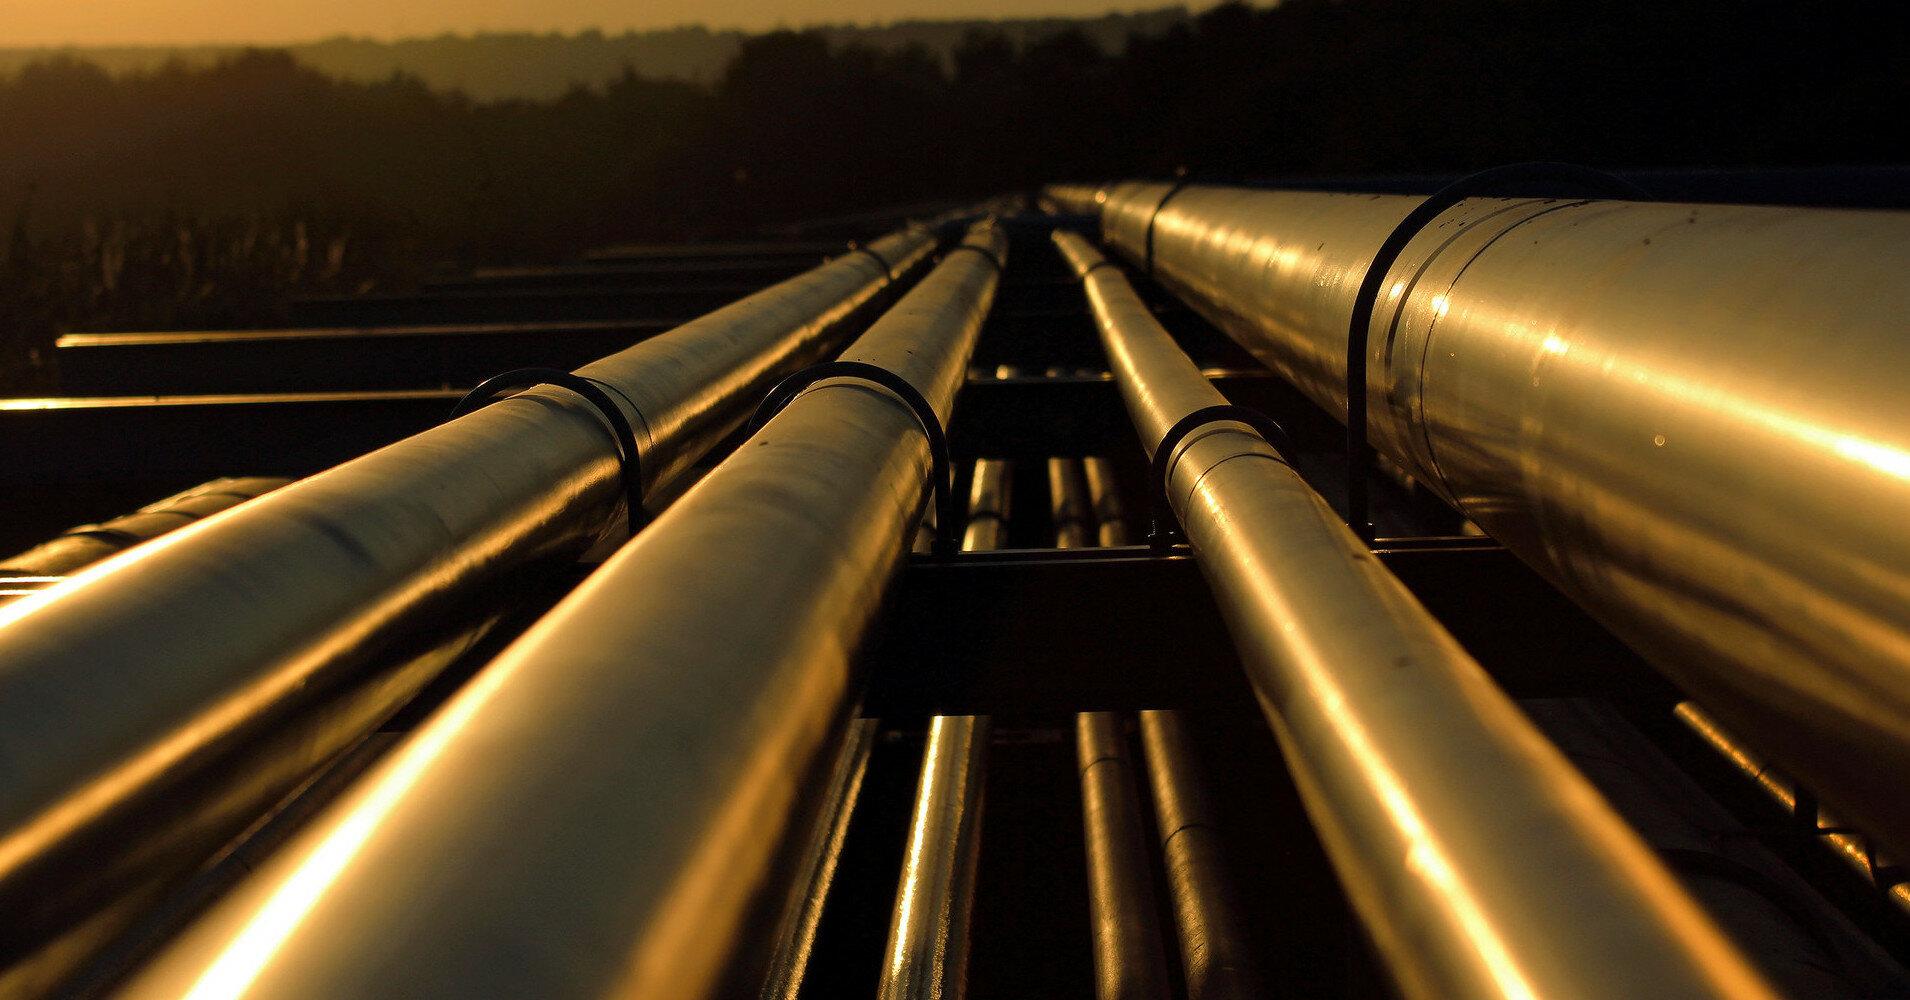 США повысят пошлины на нефтегазовые трубы из Украины в 4 раза